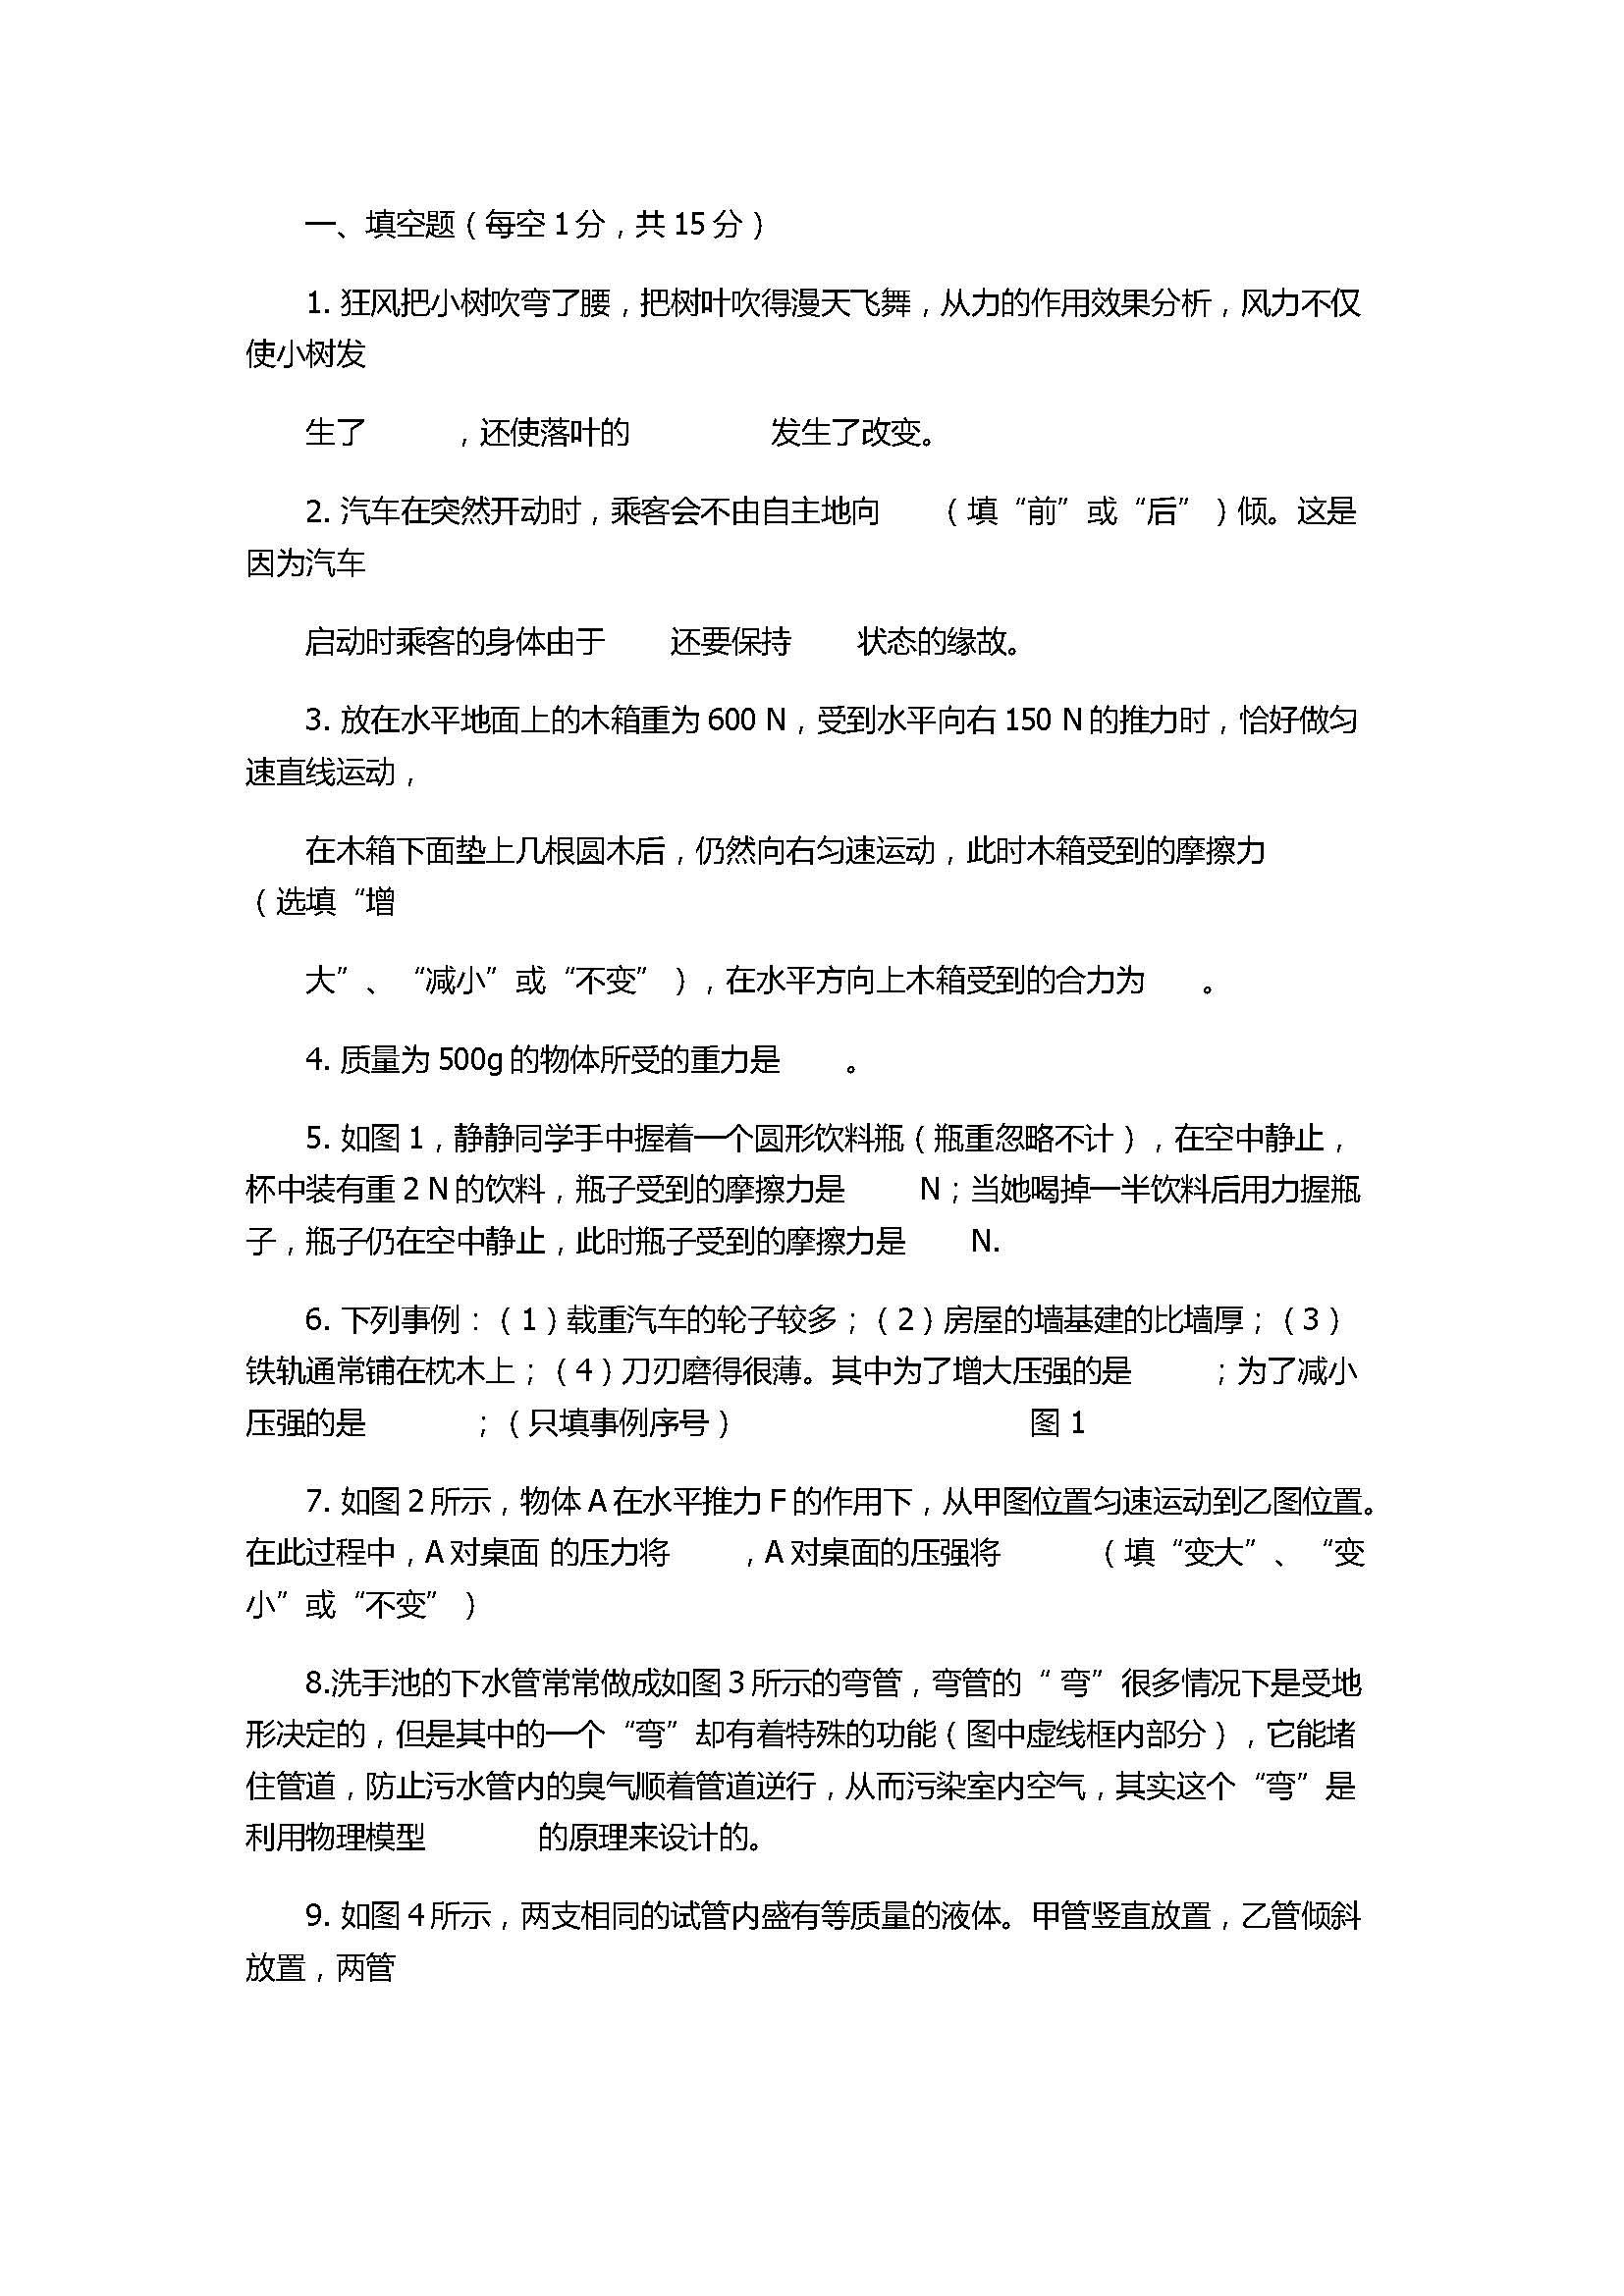 2017八年级下册物理期中测试题含答案(西华县)